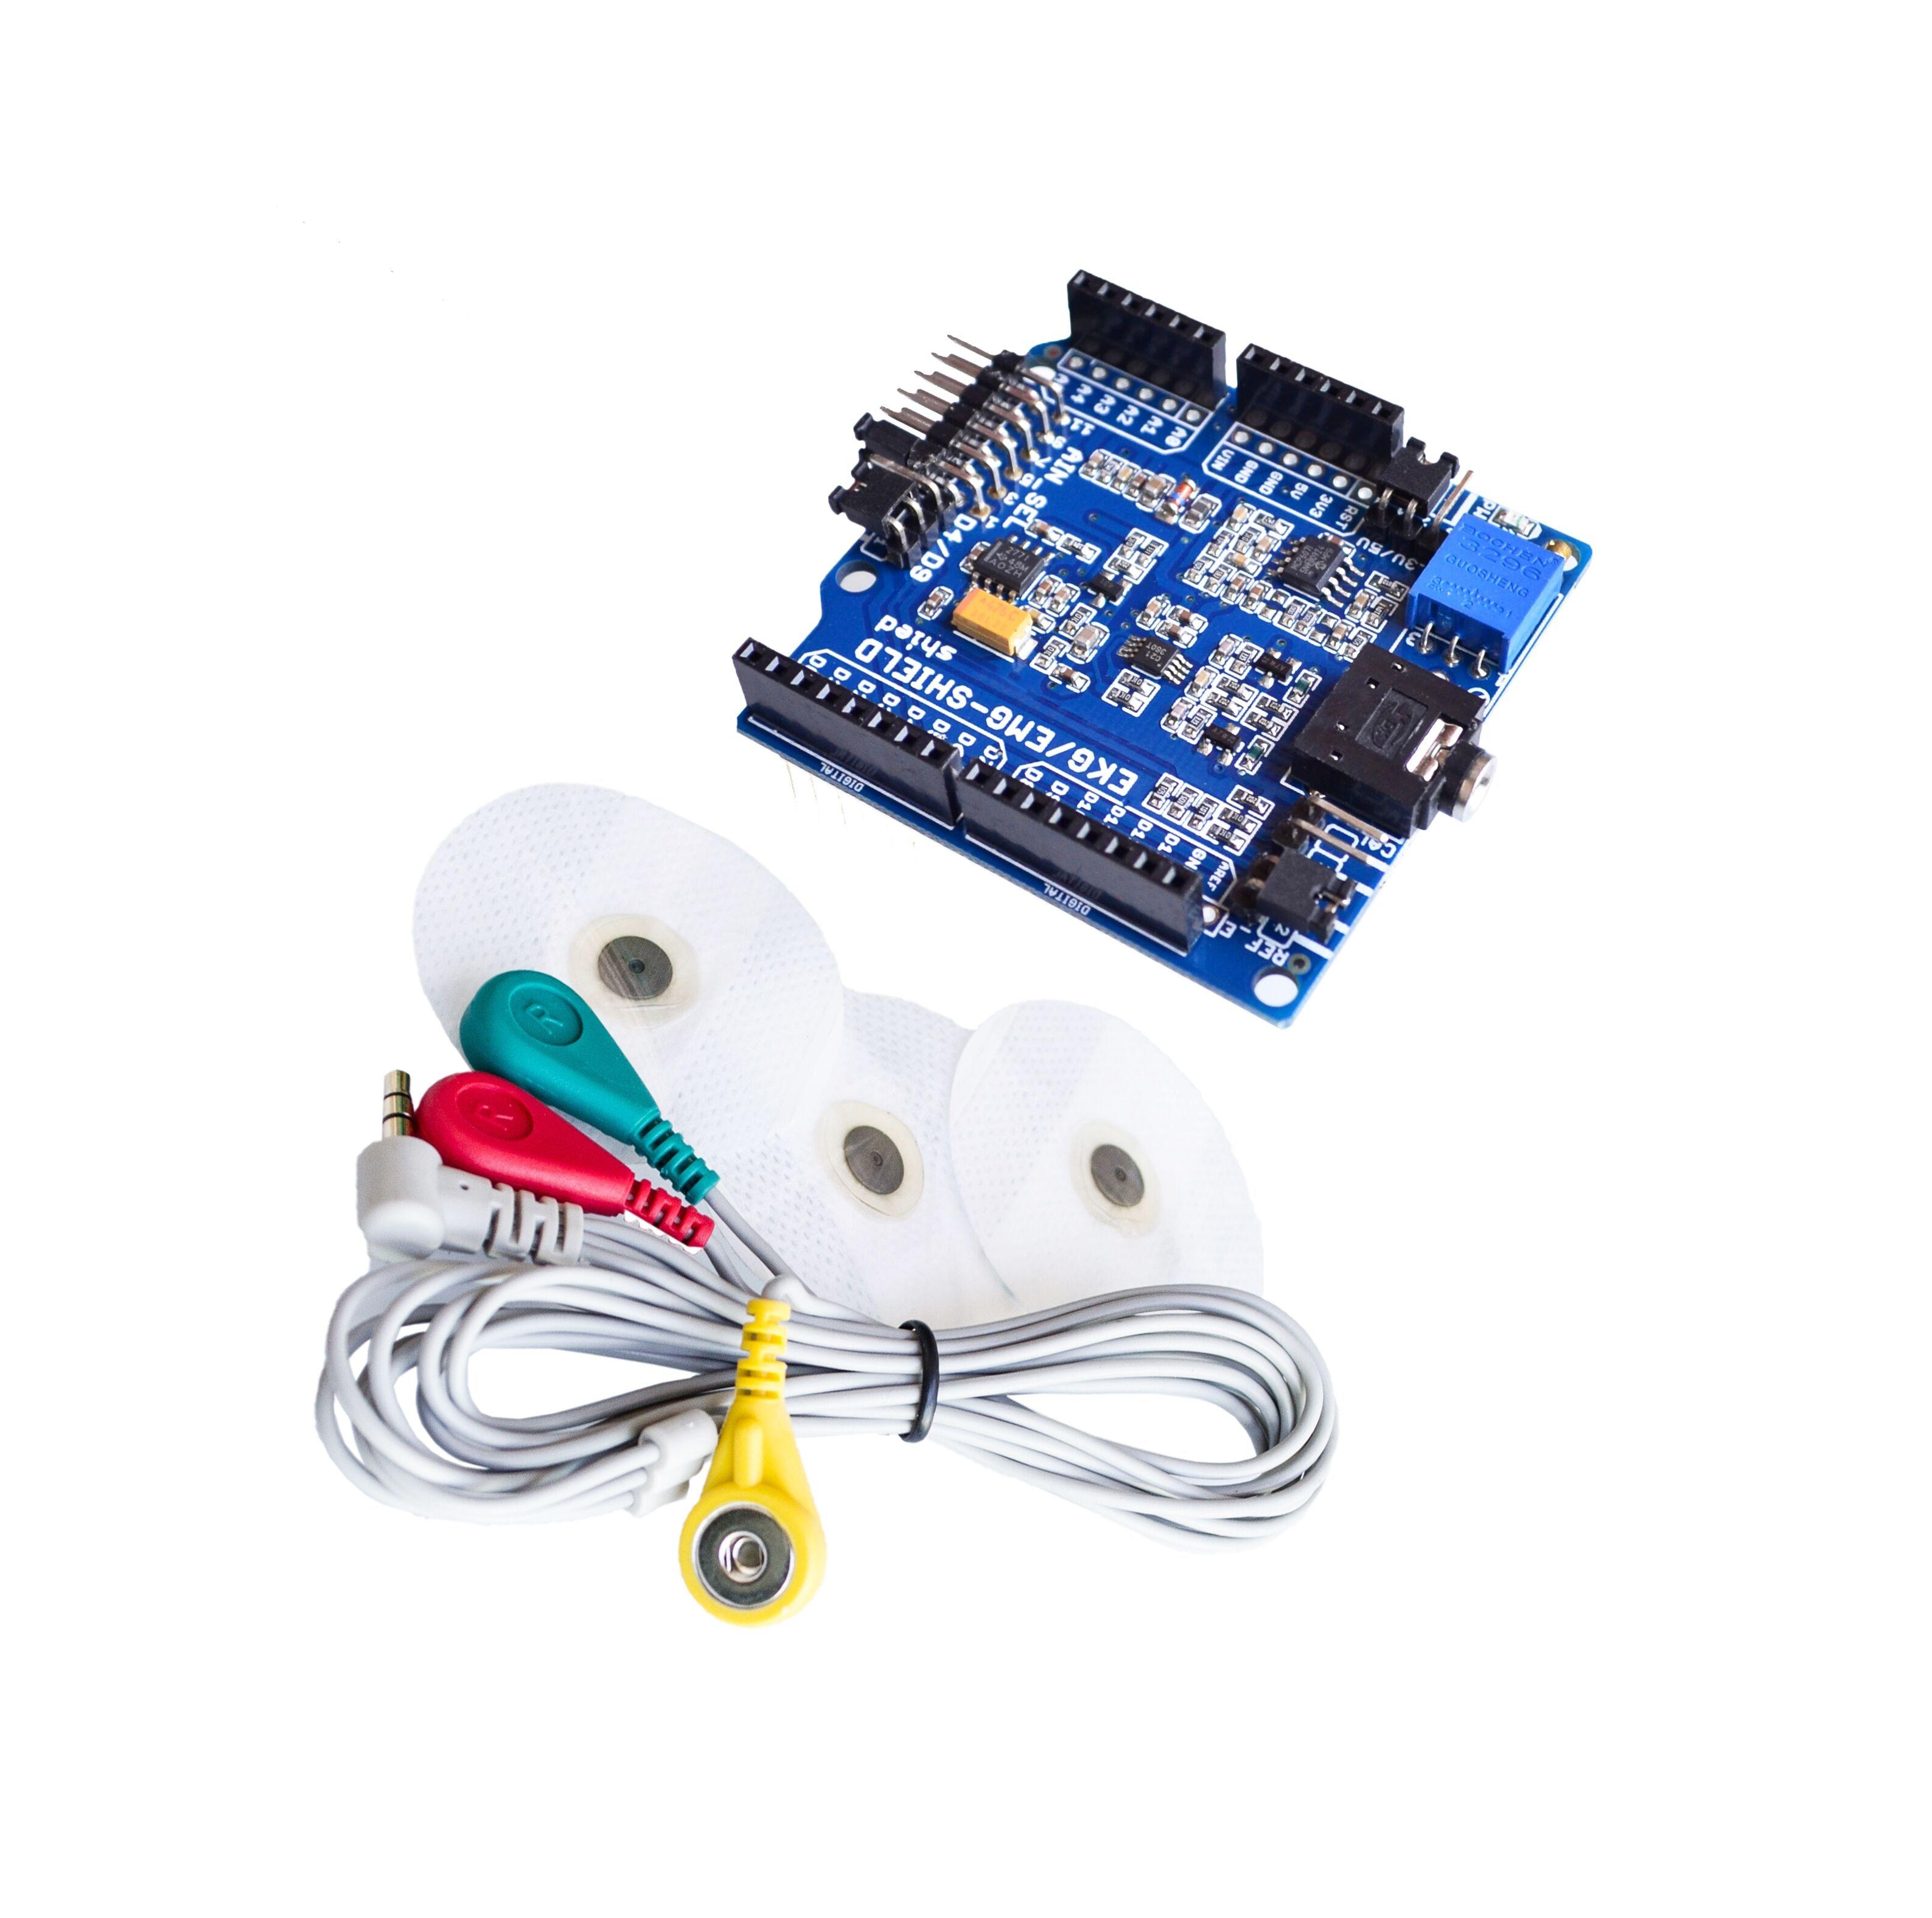 ЭКГ/ЭМГ щит для Arduino с кабелями и электродами